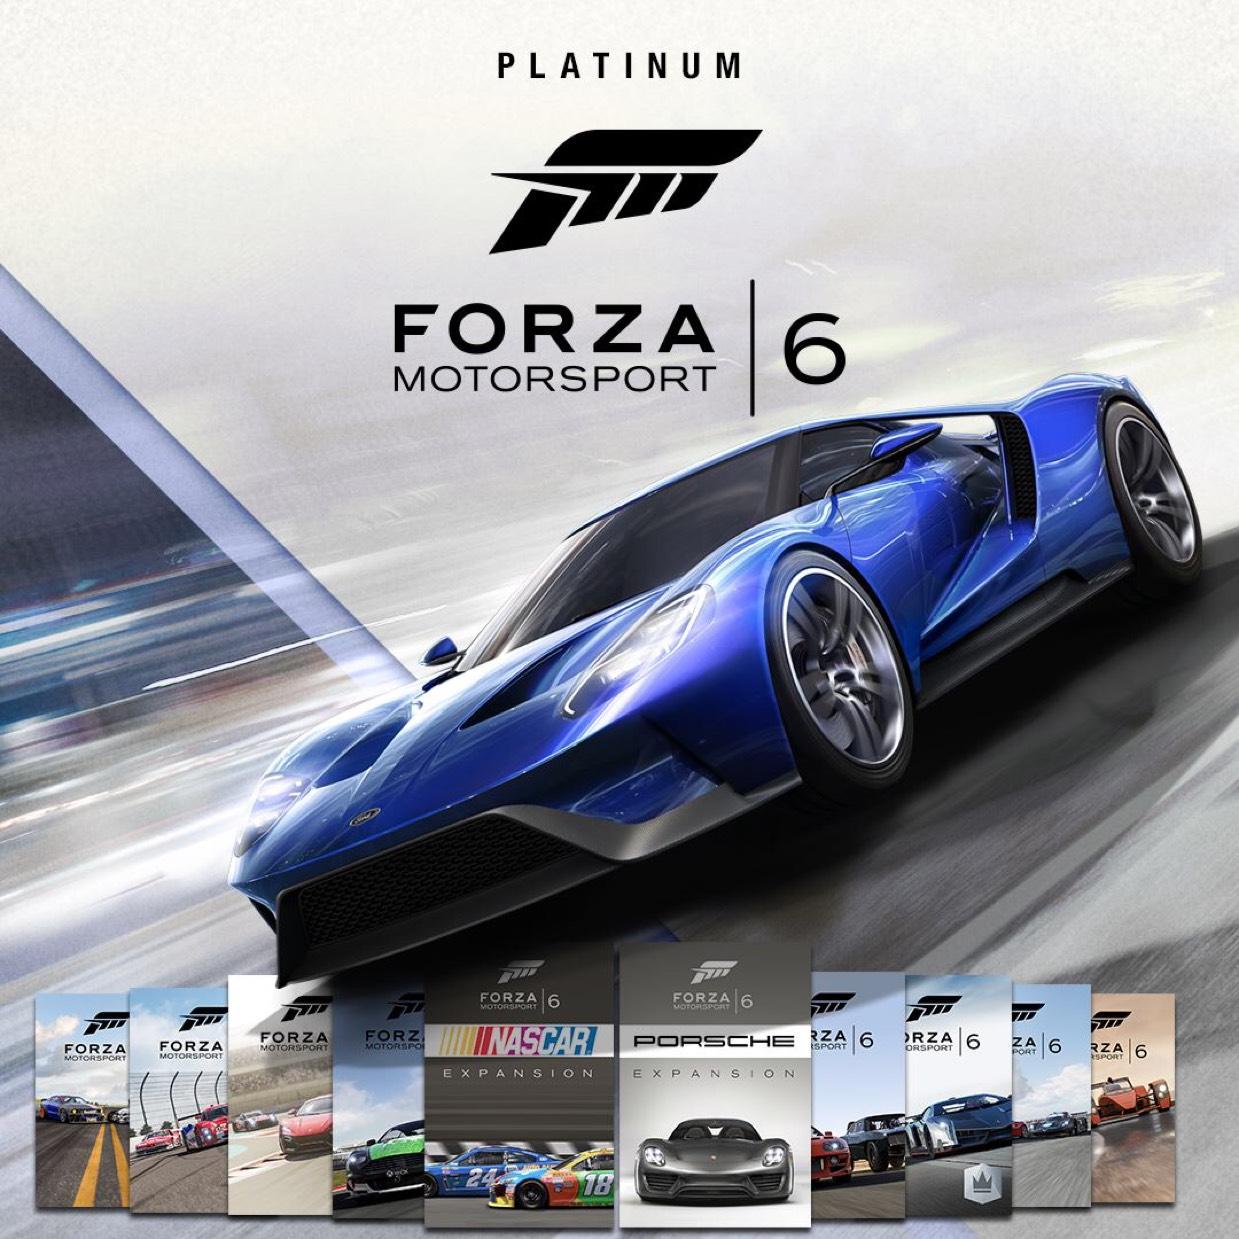 [Xbox One] Forza Motorsport 6 Platinum Edition-Bundle mit 75% Rabatt für Gold-Mitglieder